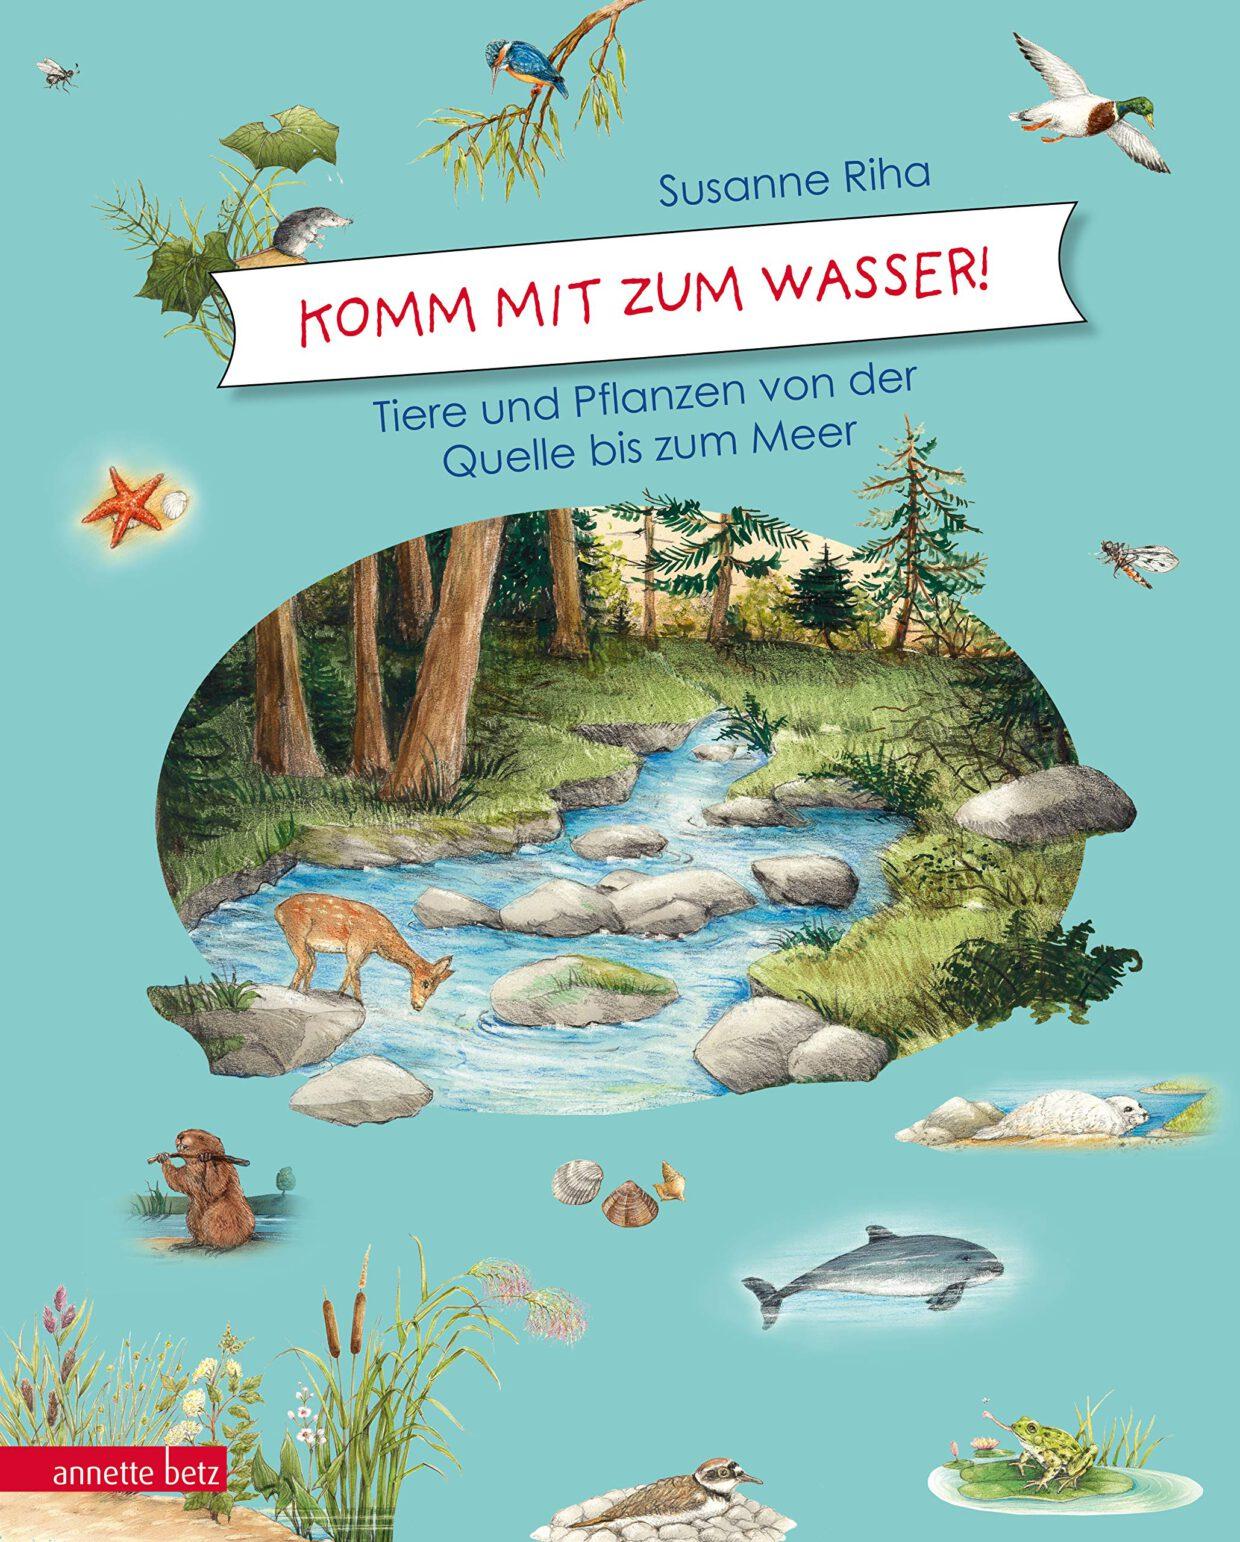 Susanne Riha: Komm mit zum Wasser